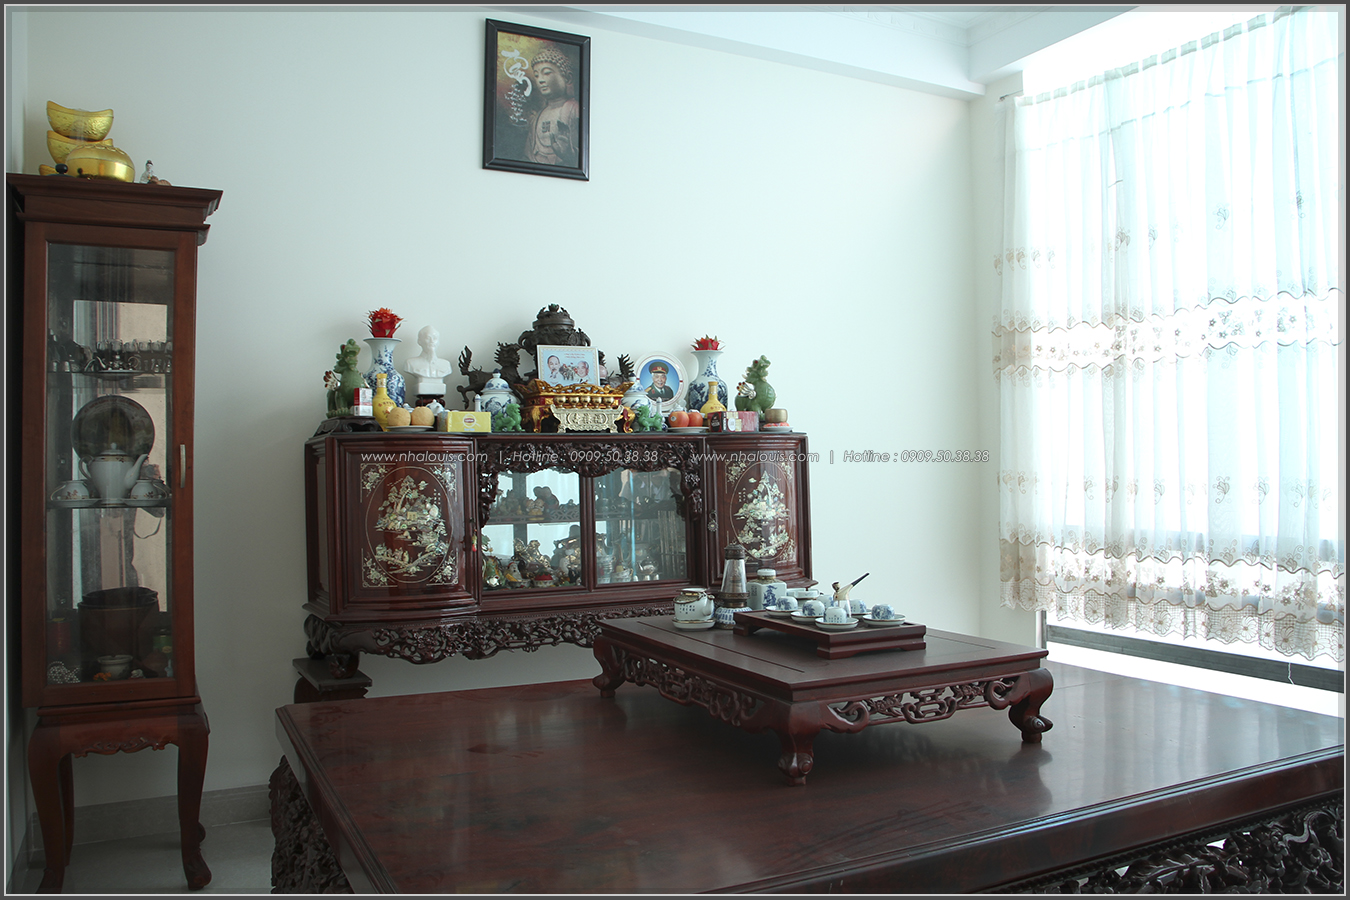 Thi công xây dựng nhà phố 3 tầng hiện đại cực chất tại quận Tân Bình - 18